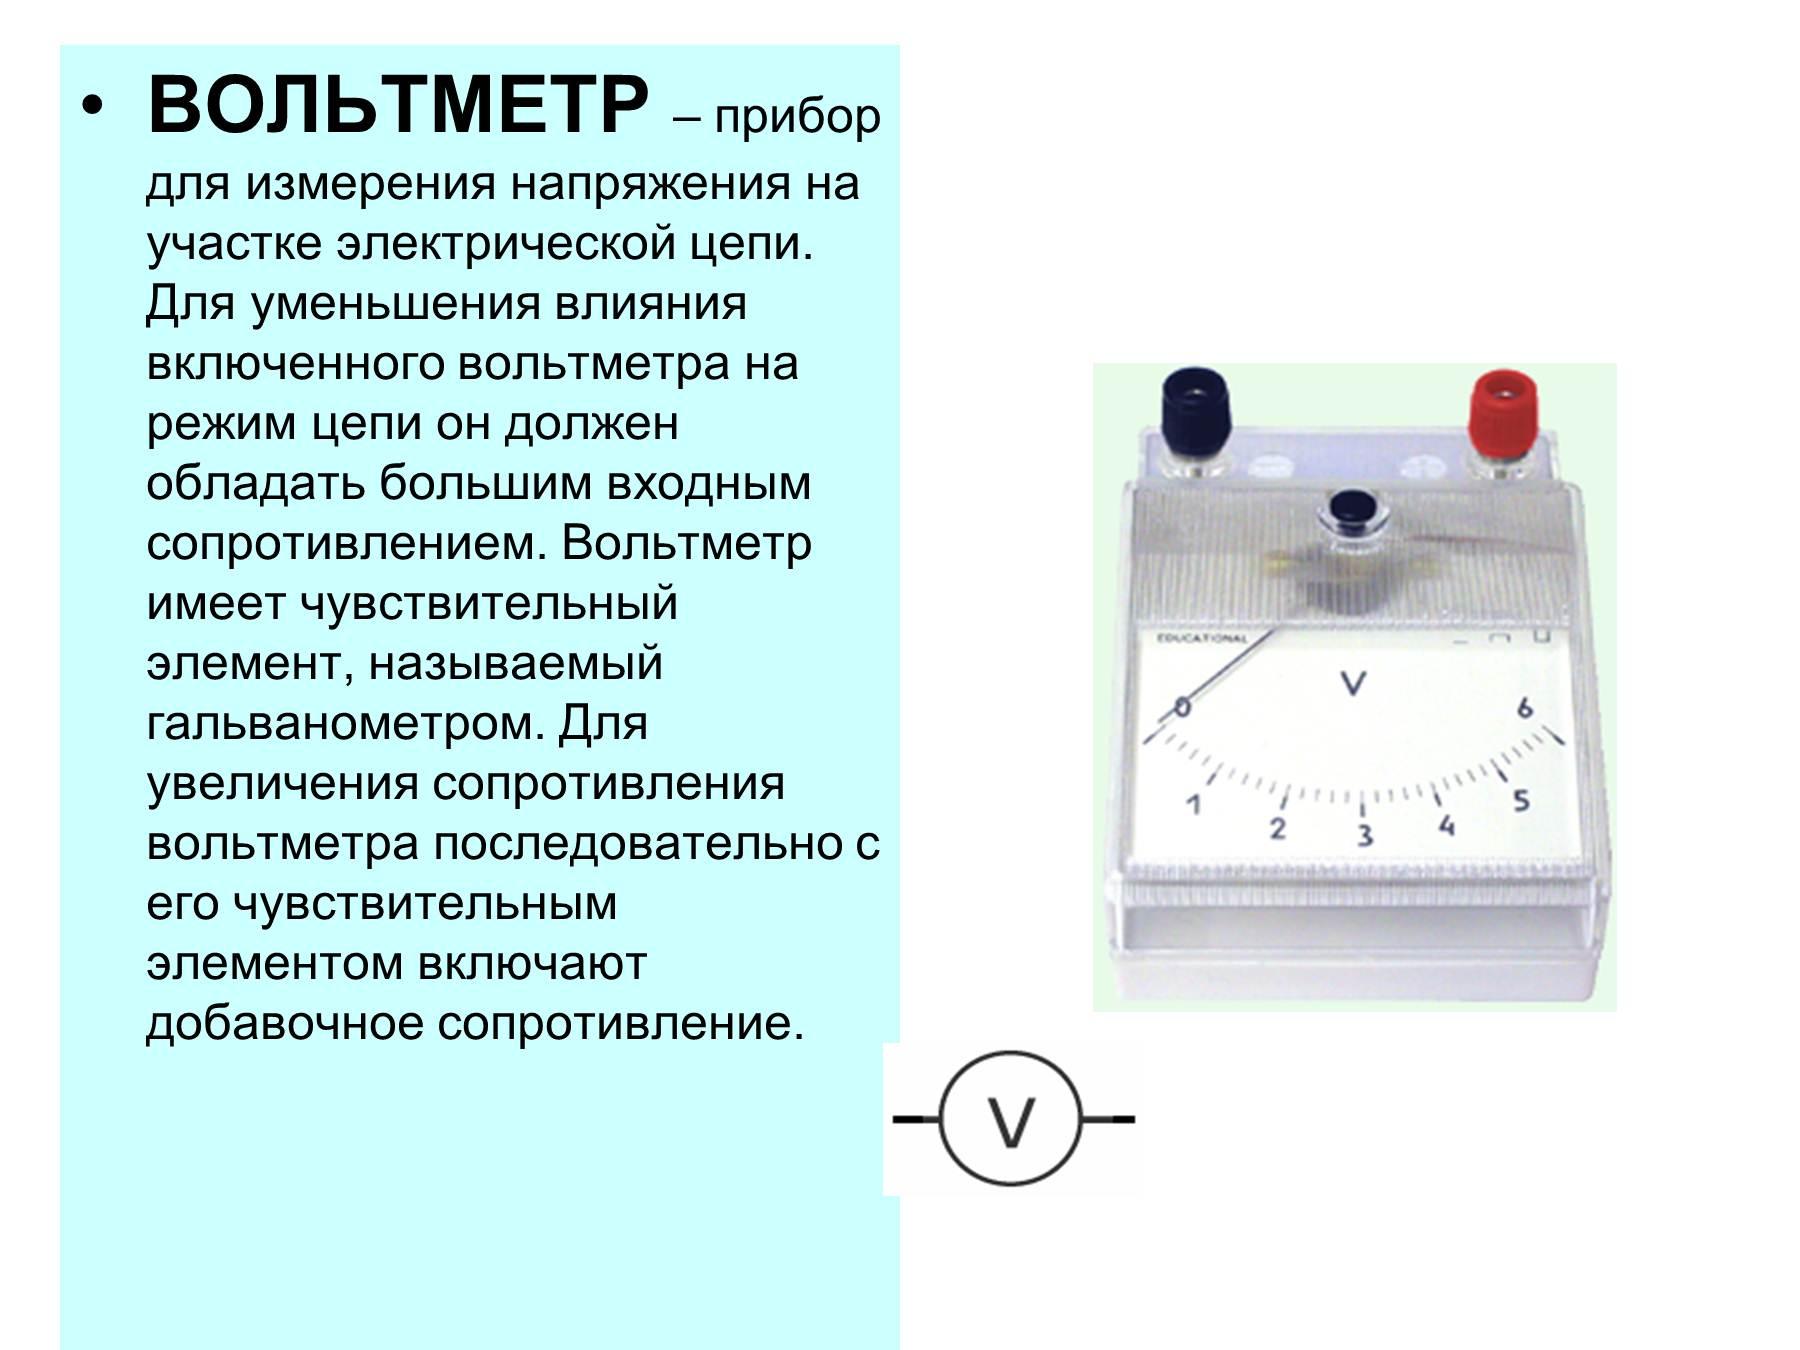 Проверка наличия электрических цепей в соответствии со схемами